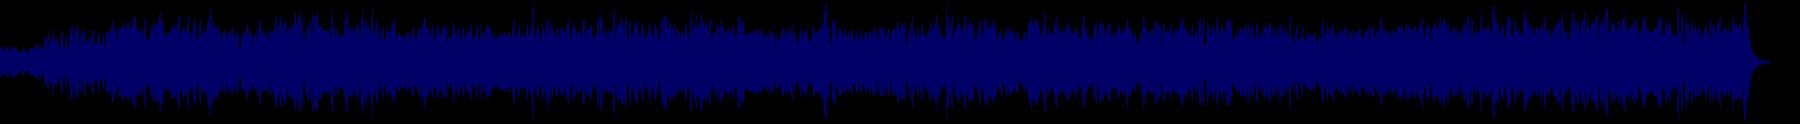 waveform of track #79254